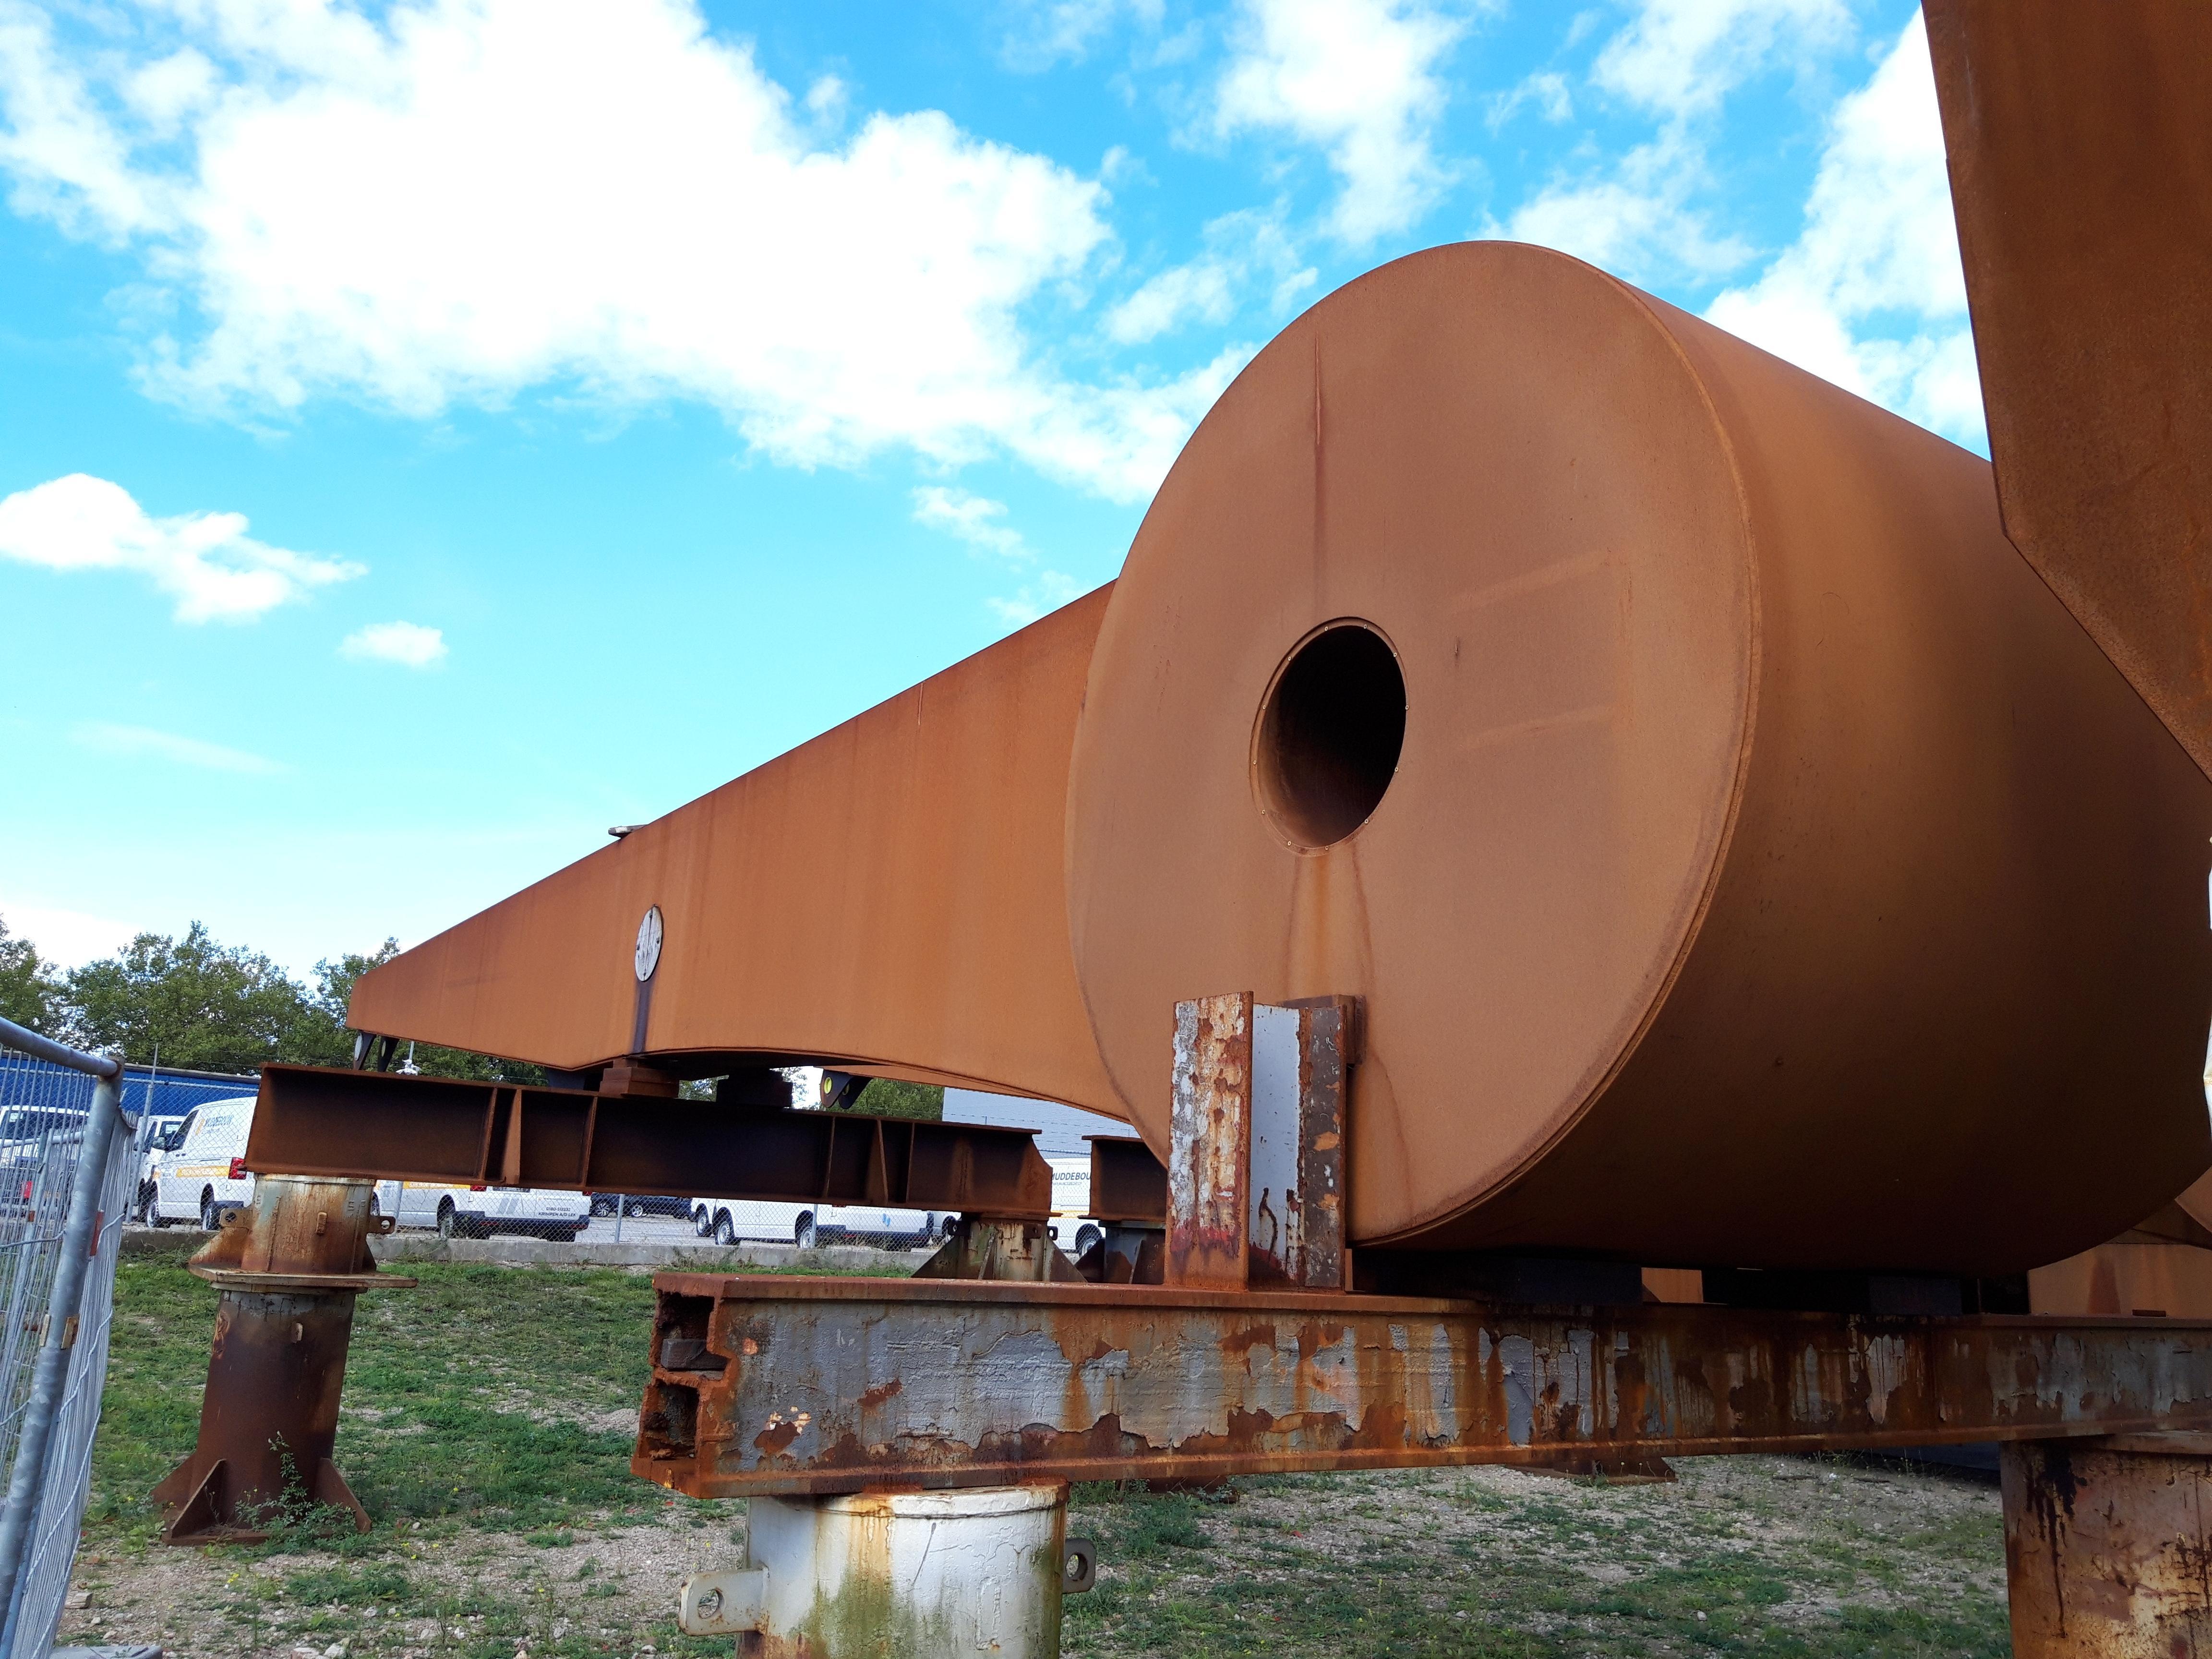 Wat te doen met de al gebouwde brug voor Krommenie? Provincie betaalde al zeven miljoen